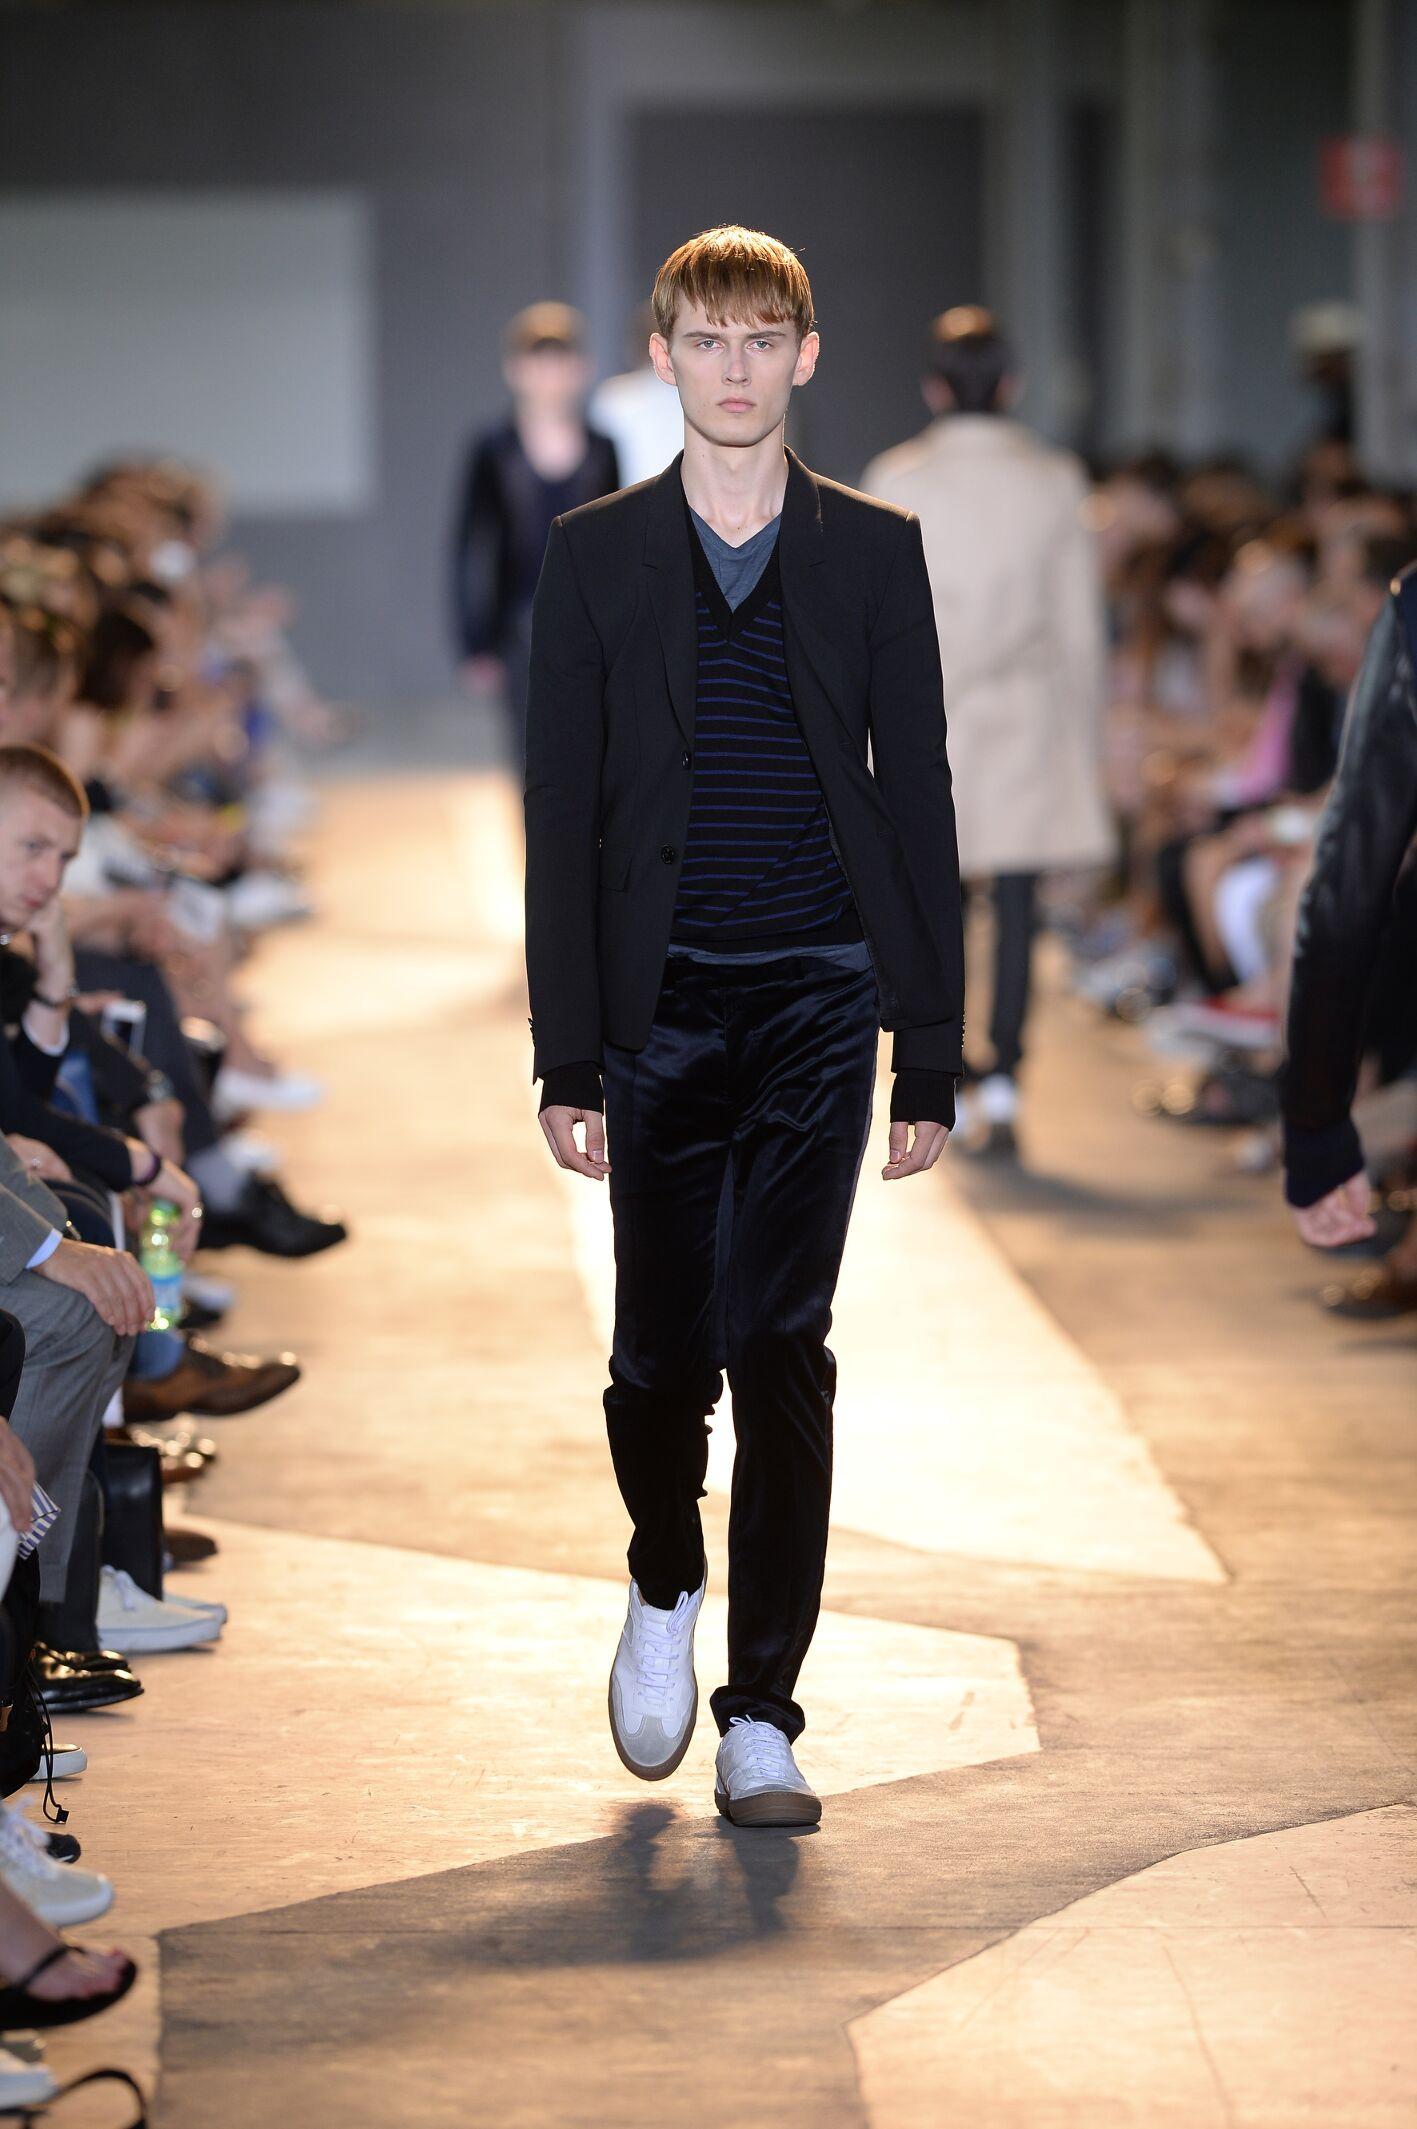 Catwalk Diesel Black Gold Man Fashion Show Summer 2015